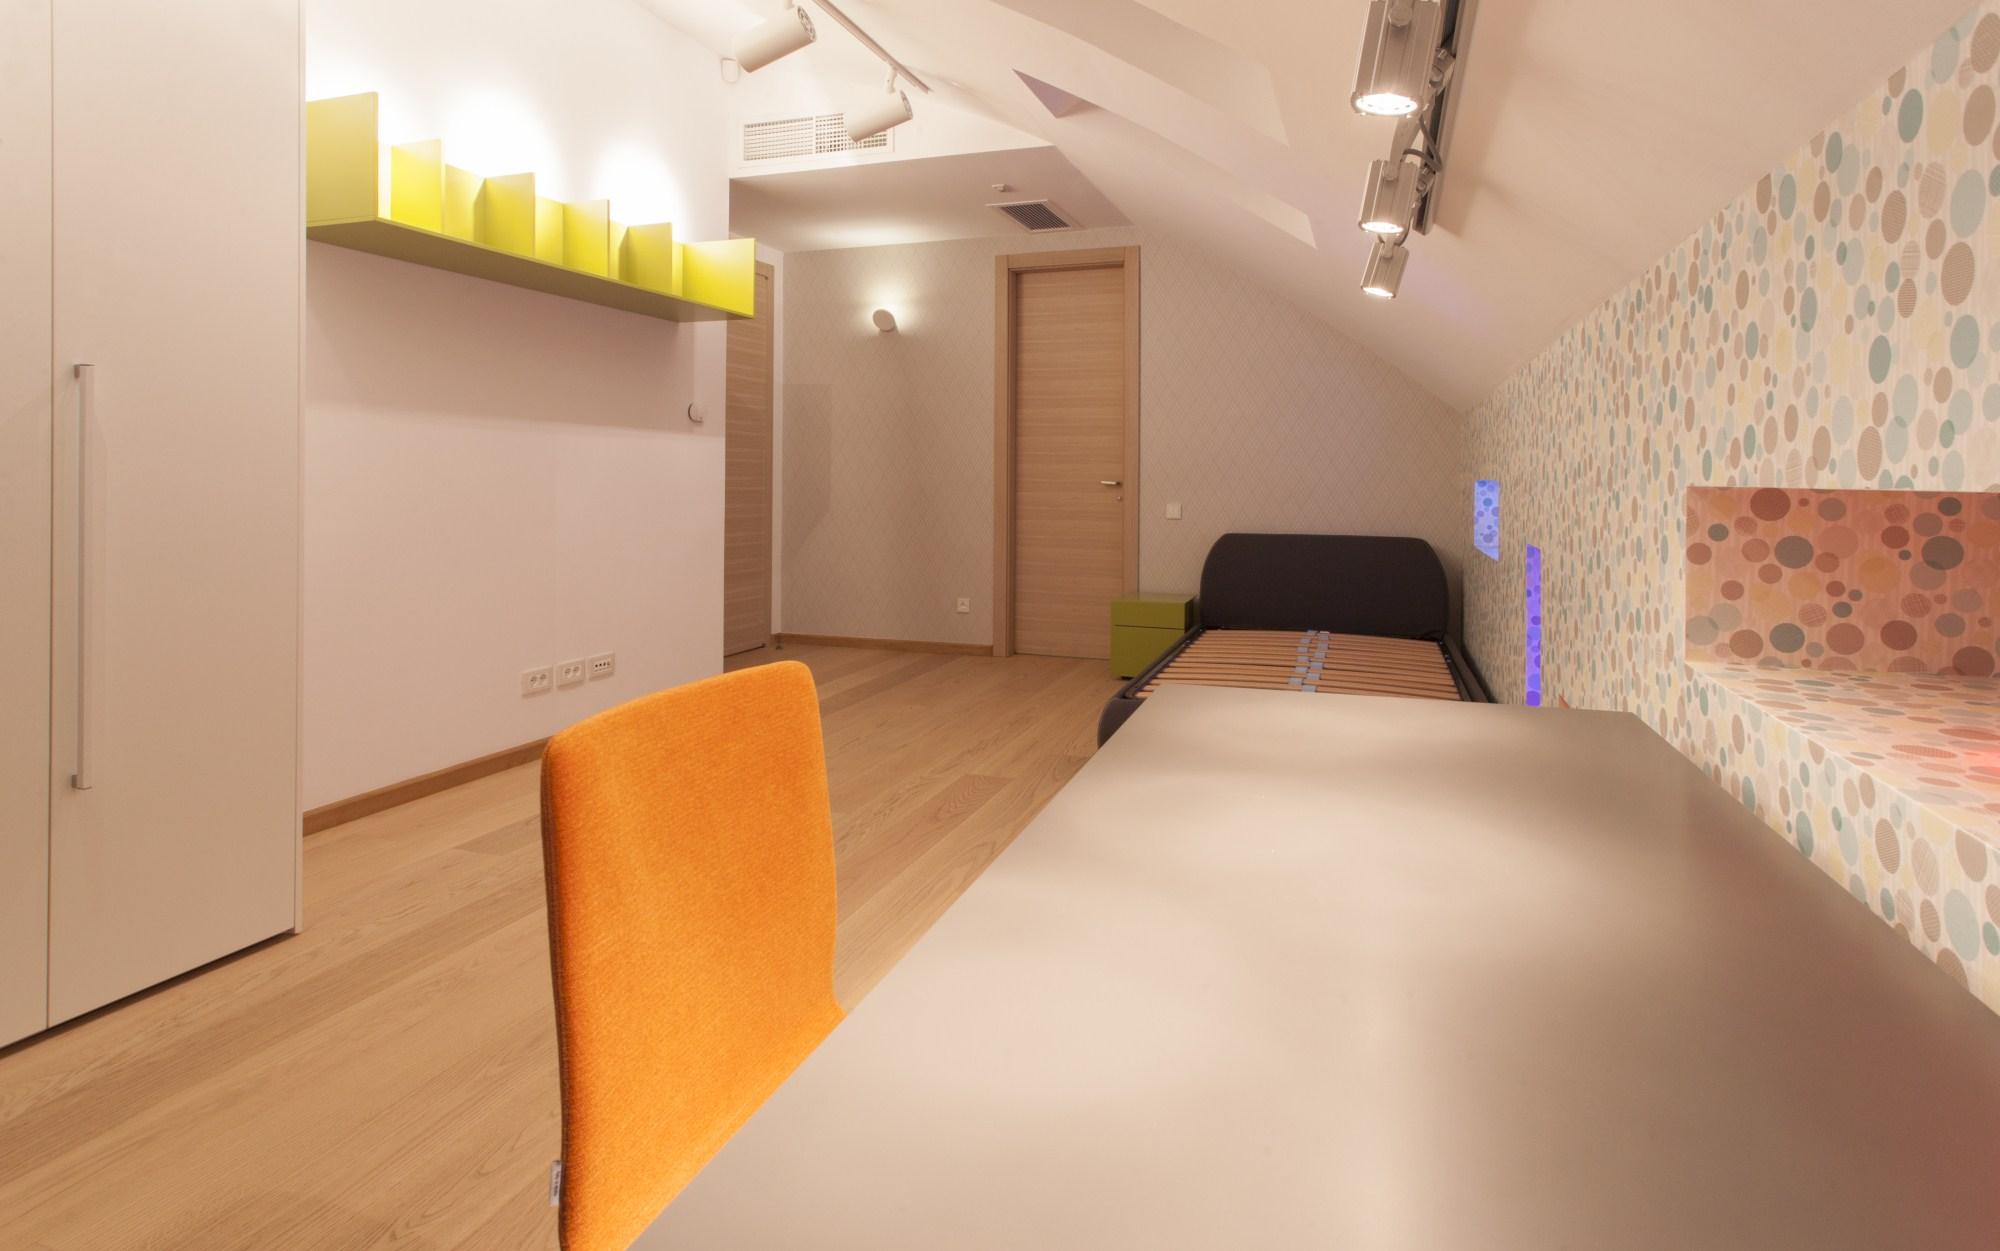 https://nbc-arhitect.ro/wp-content/uploads/2020/11/NBC-Arhitect-_-interior-design-_-Petofi-Sandor-_-Romania_8.jpg